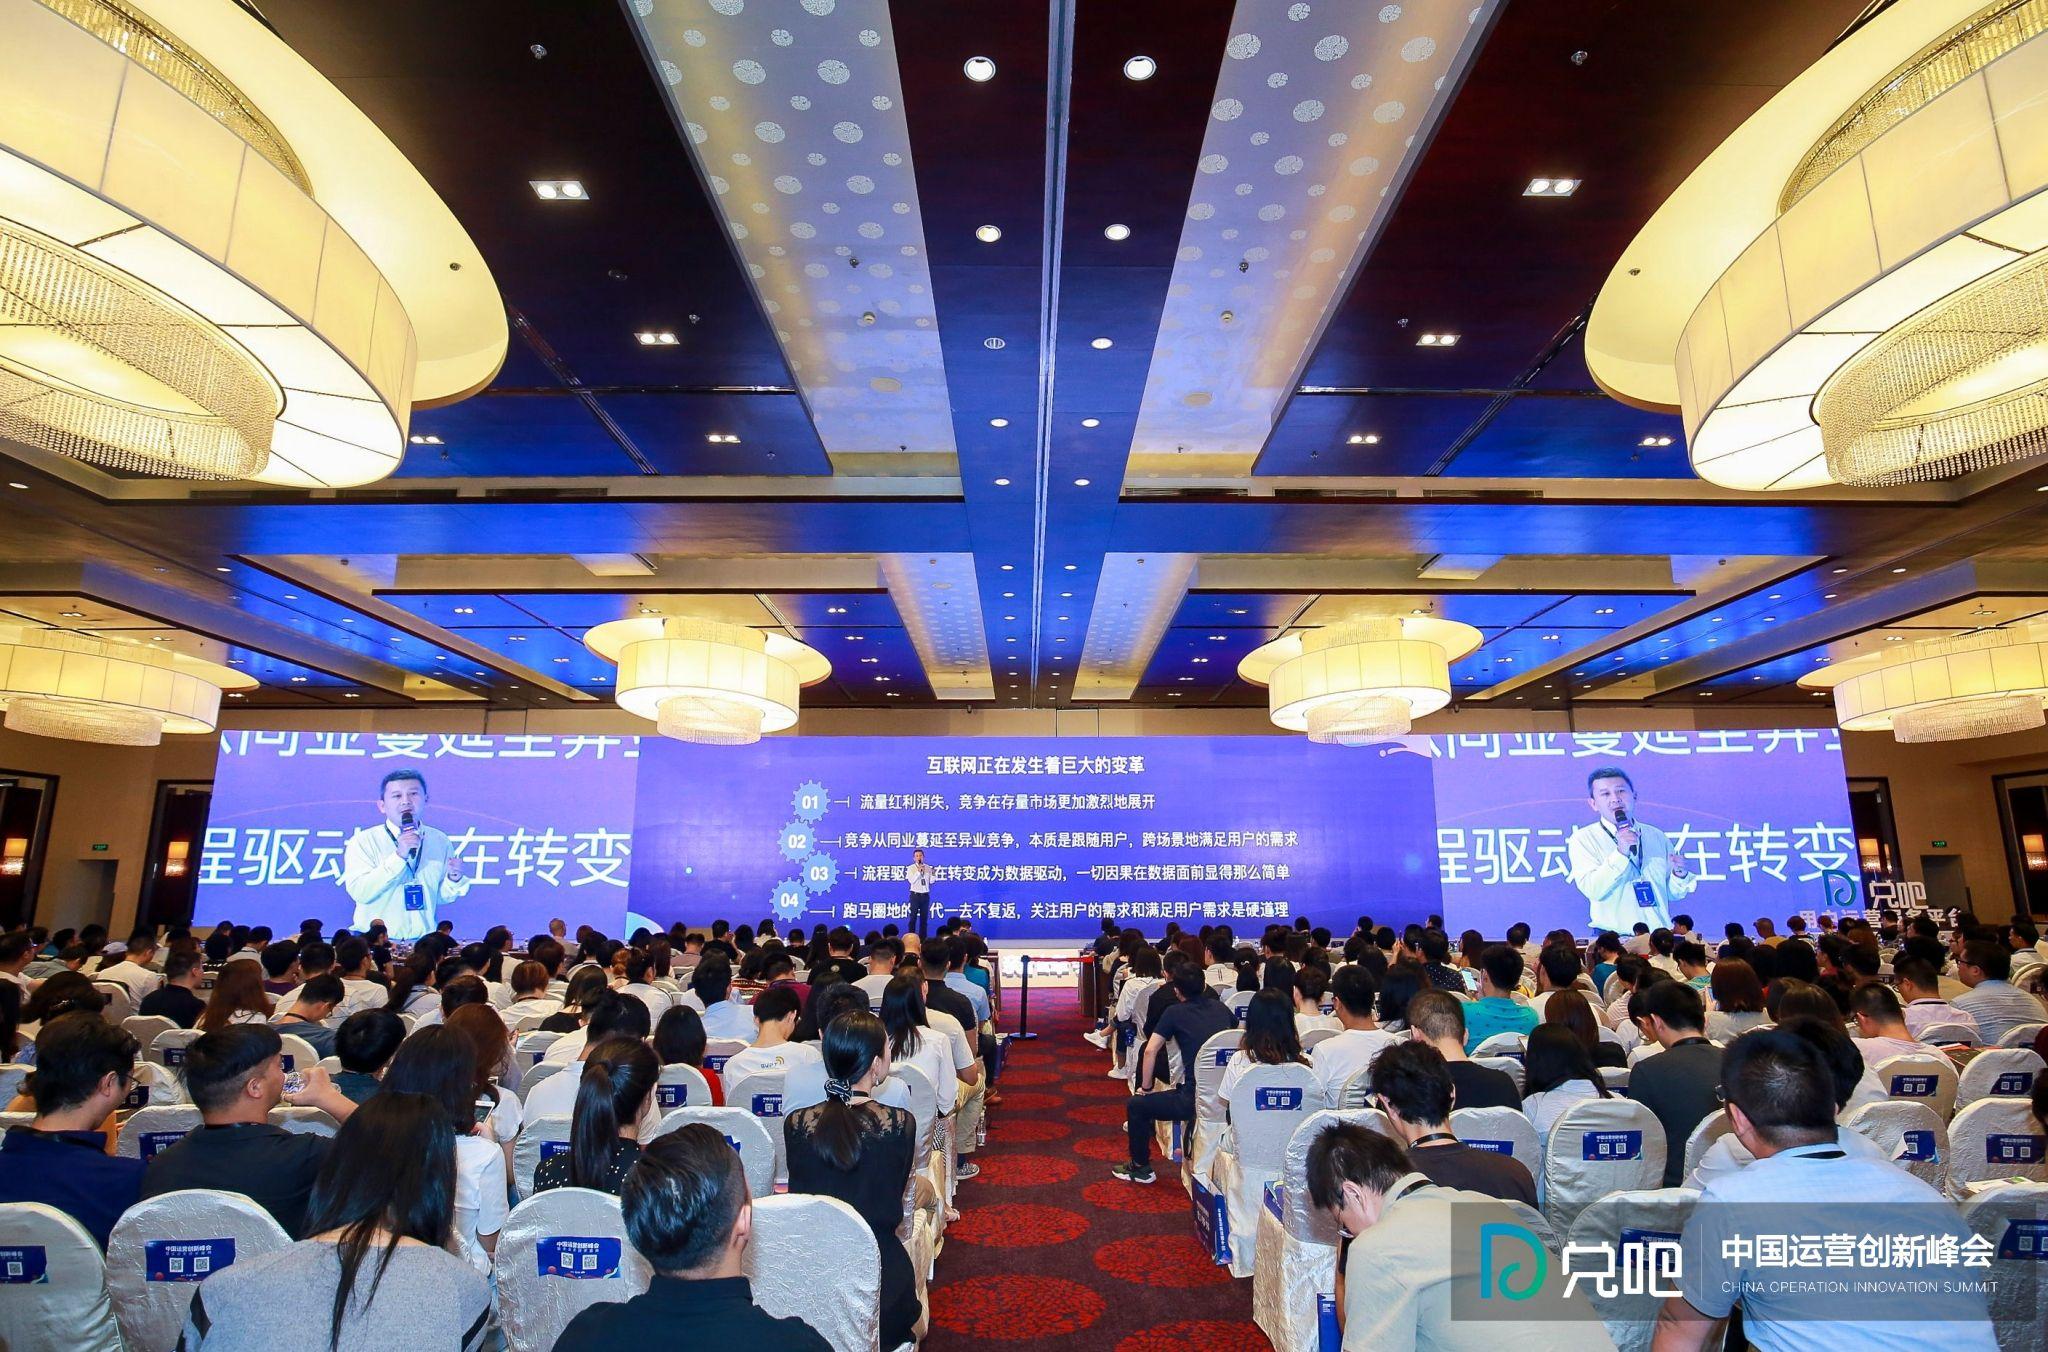 中国运营创新峰会落幕 兑吧领航聚焦运营创新生态